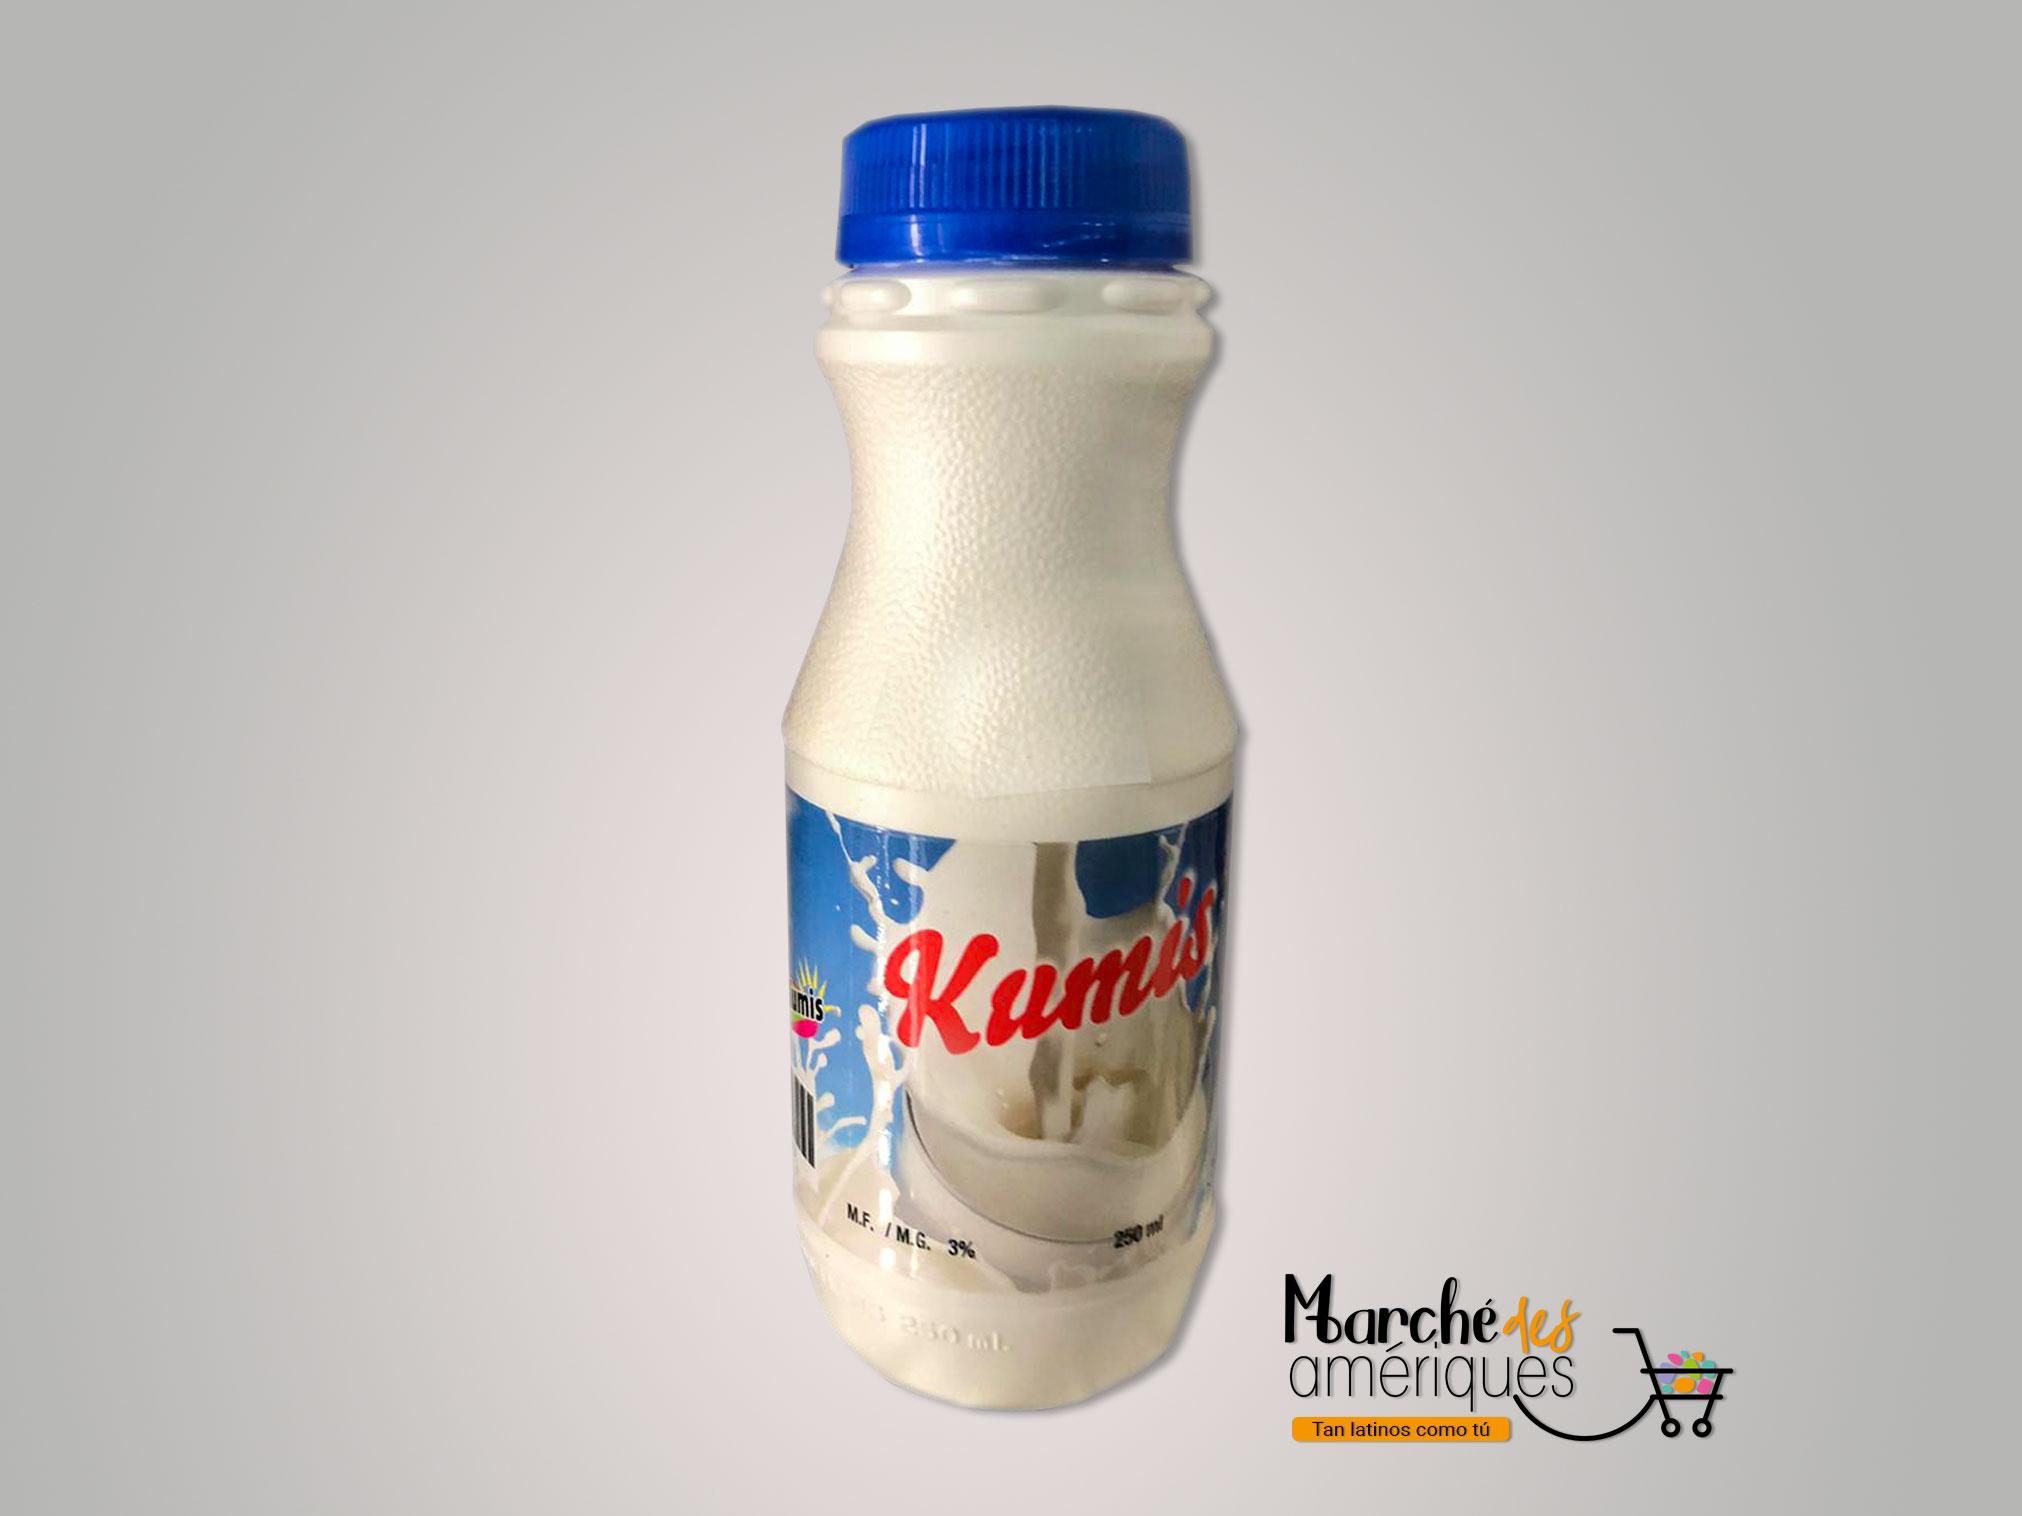 Kumis - Marché des Amériques - Código de Barras